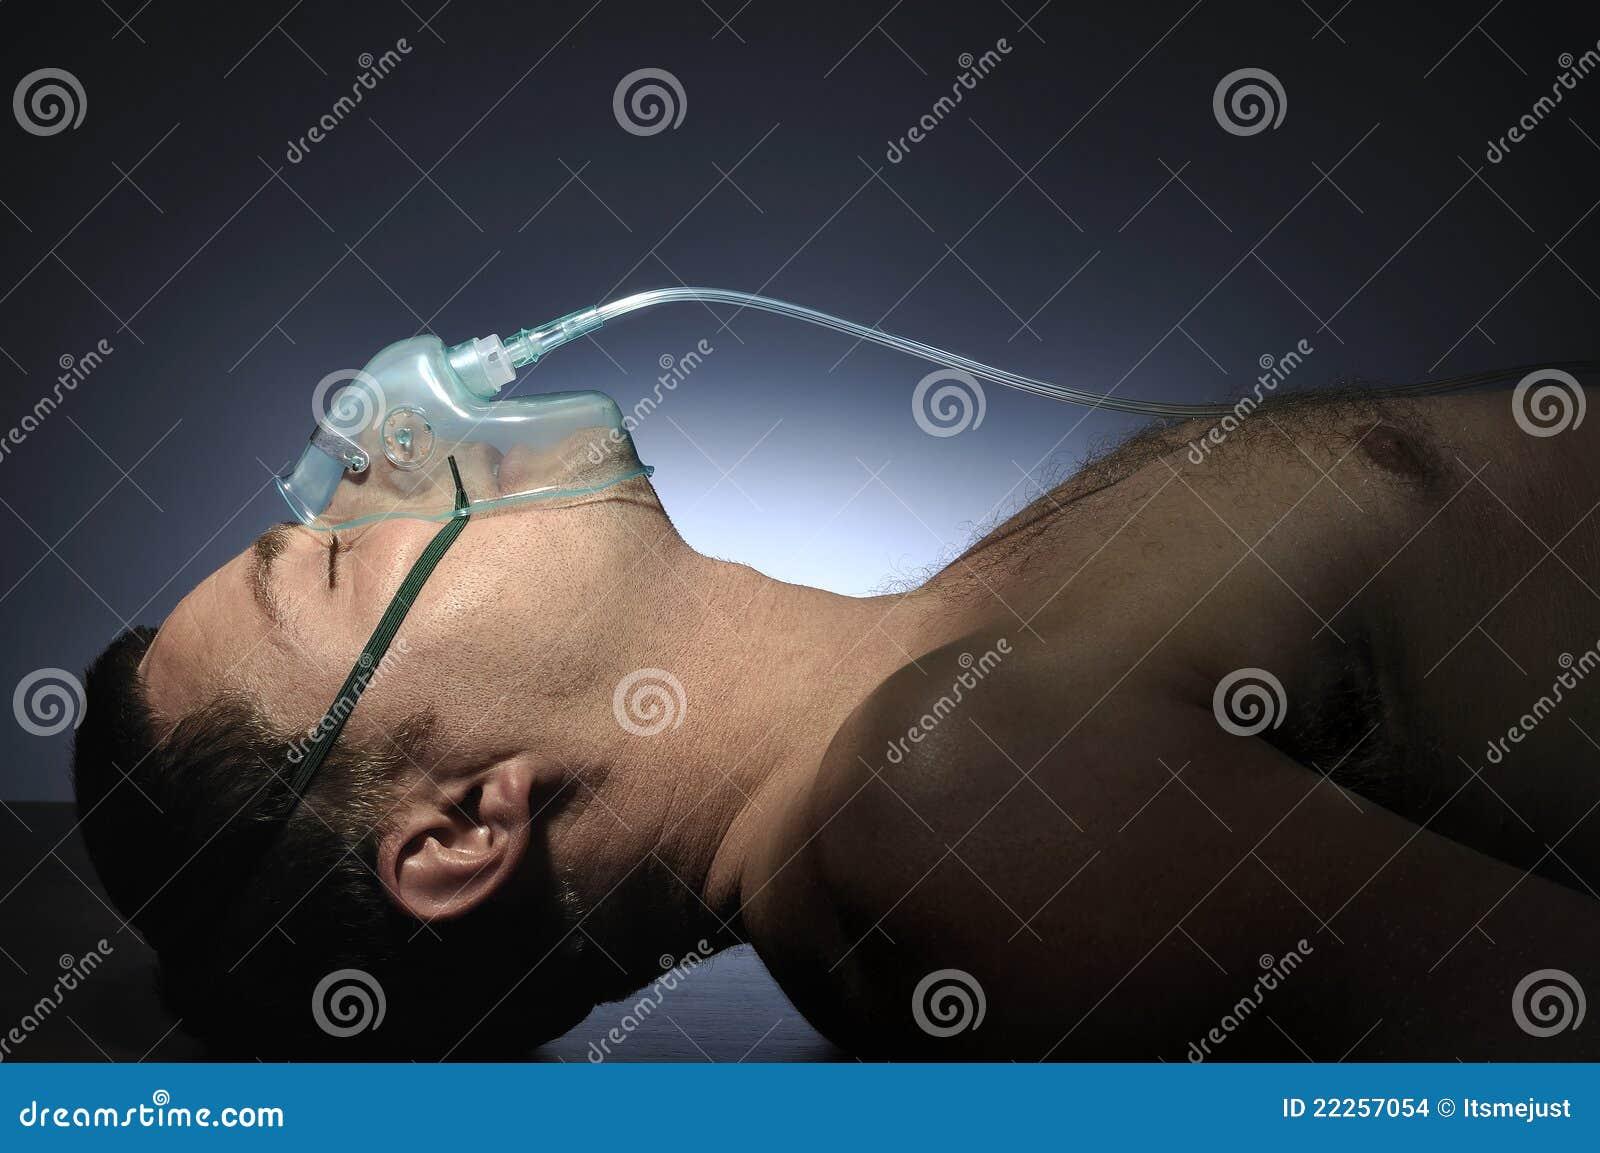 Man Mask Oxygen